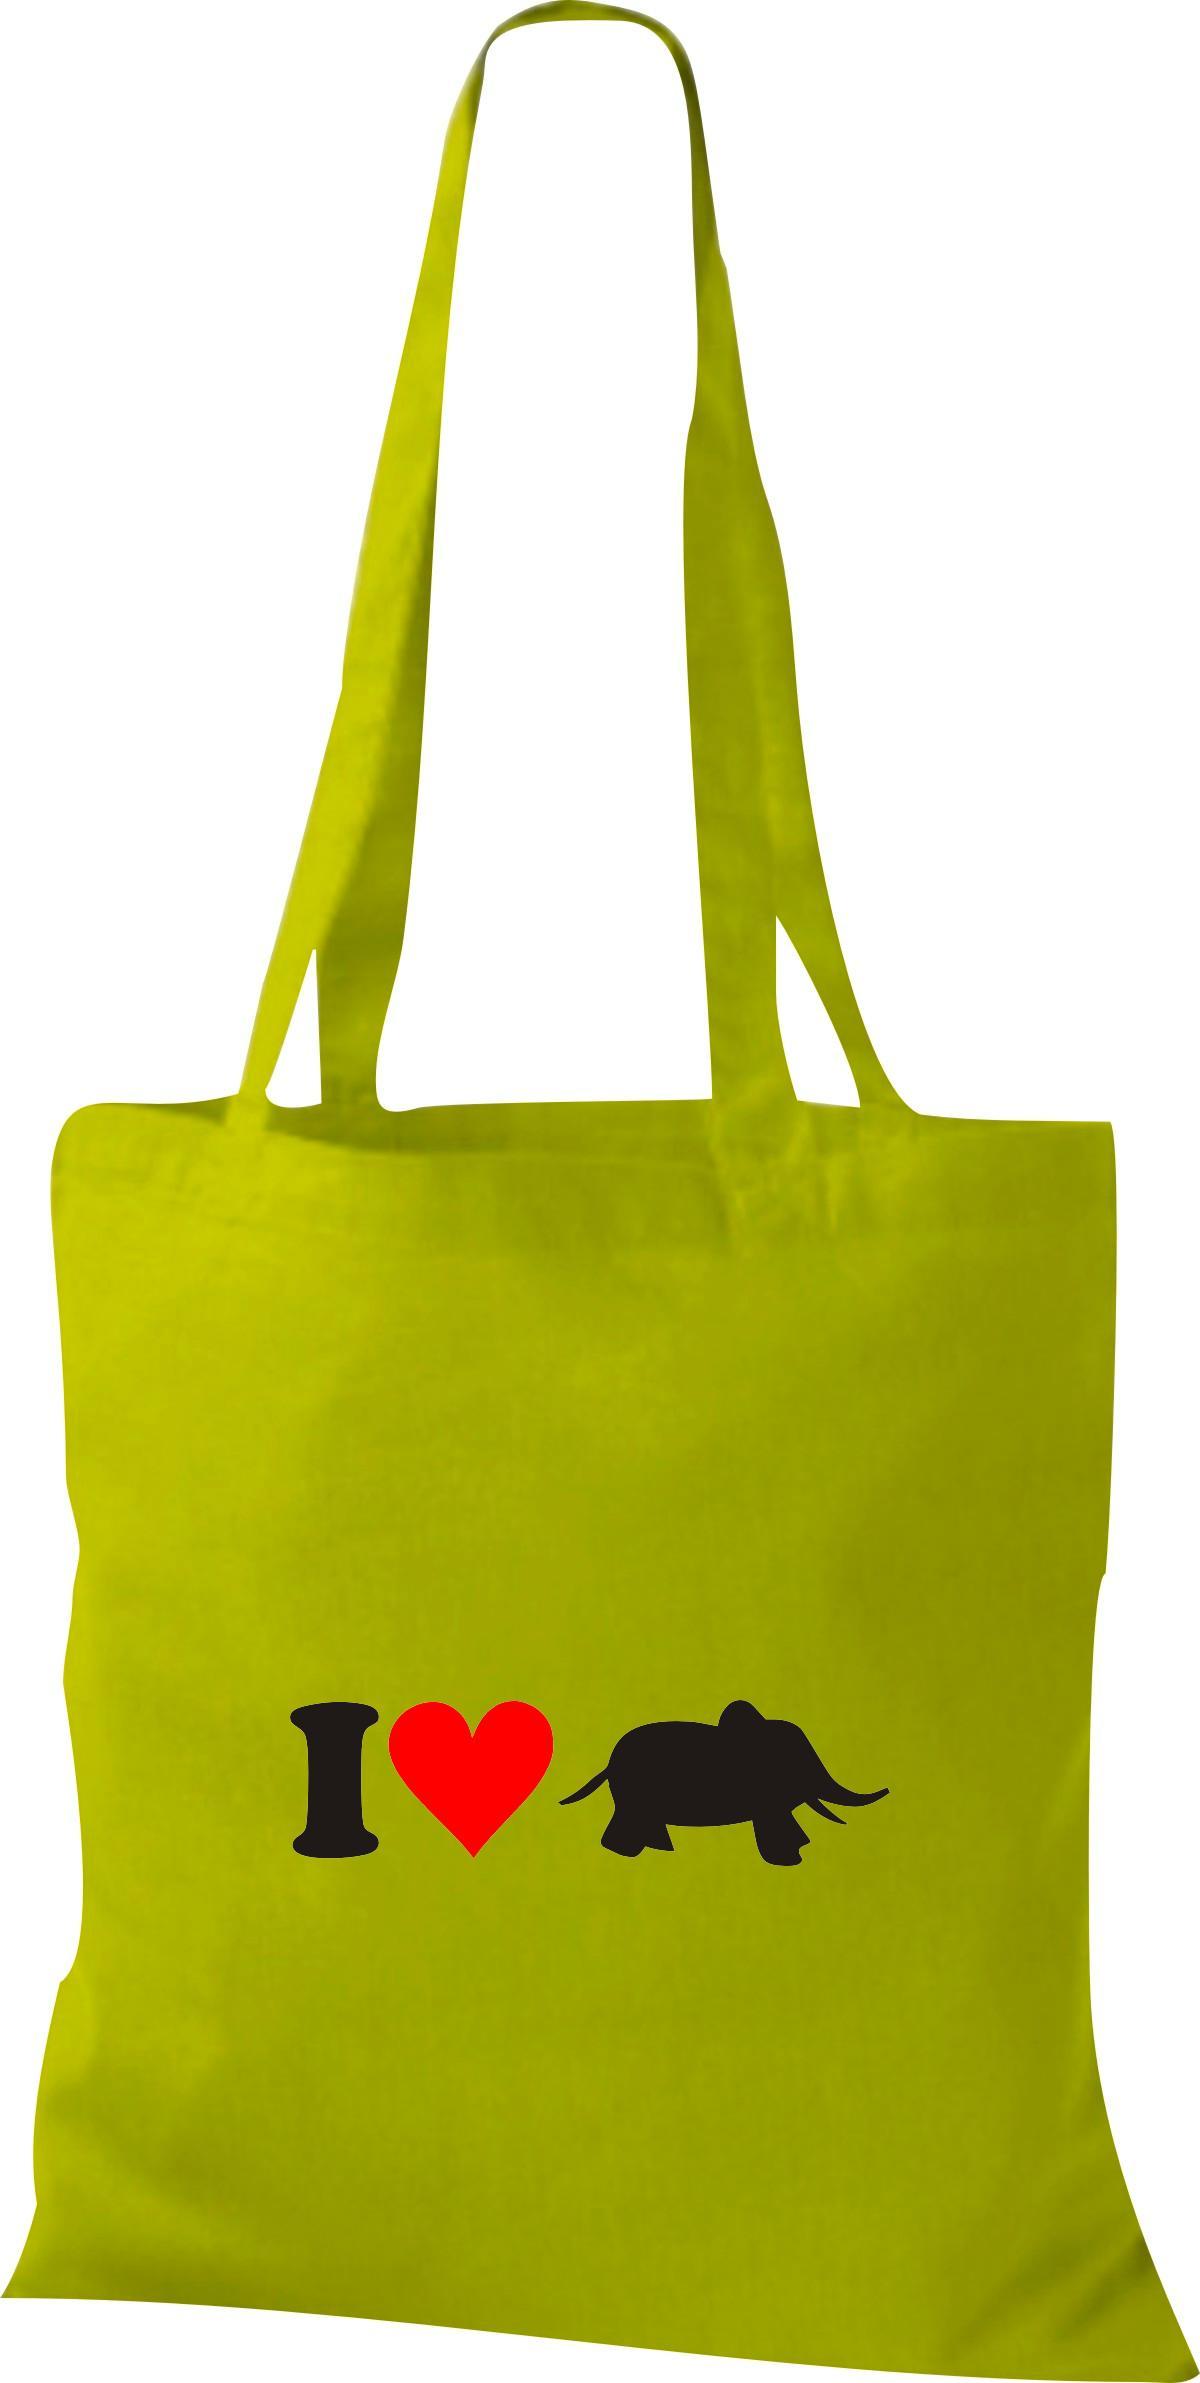 Stoffbeutel I Love Elefant Tiere Tiermotive Naturkult, Baumwolltasche viele Farb